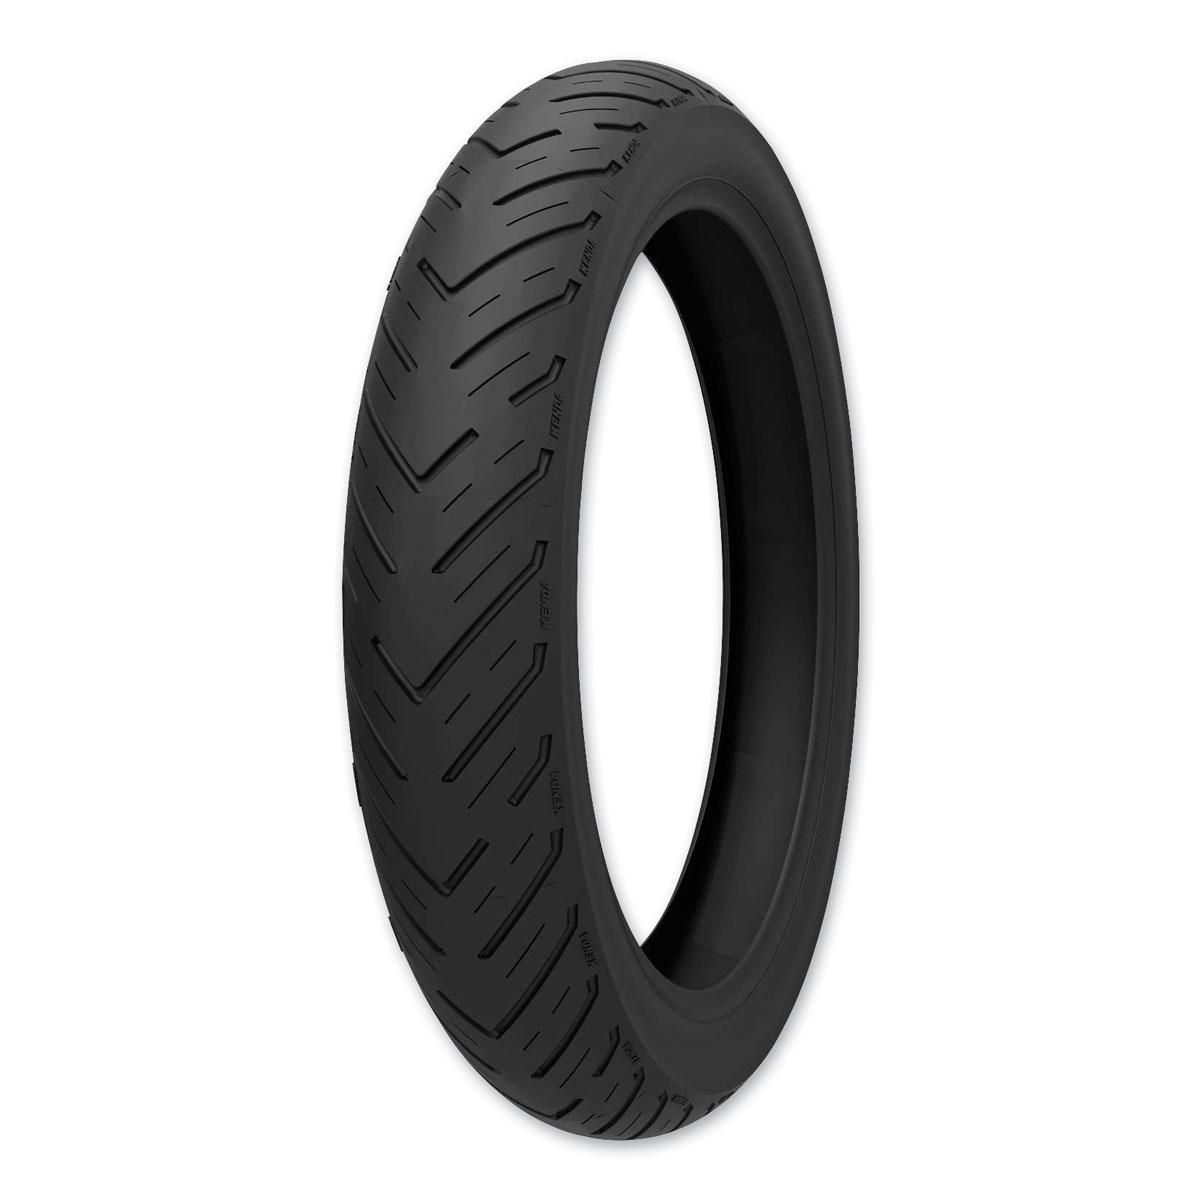 Kenda Tires K676 Retroactive 100/90-18 Front Tire